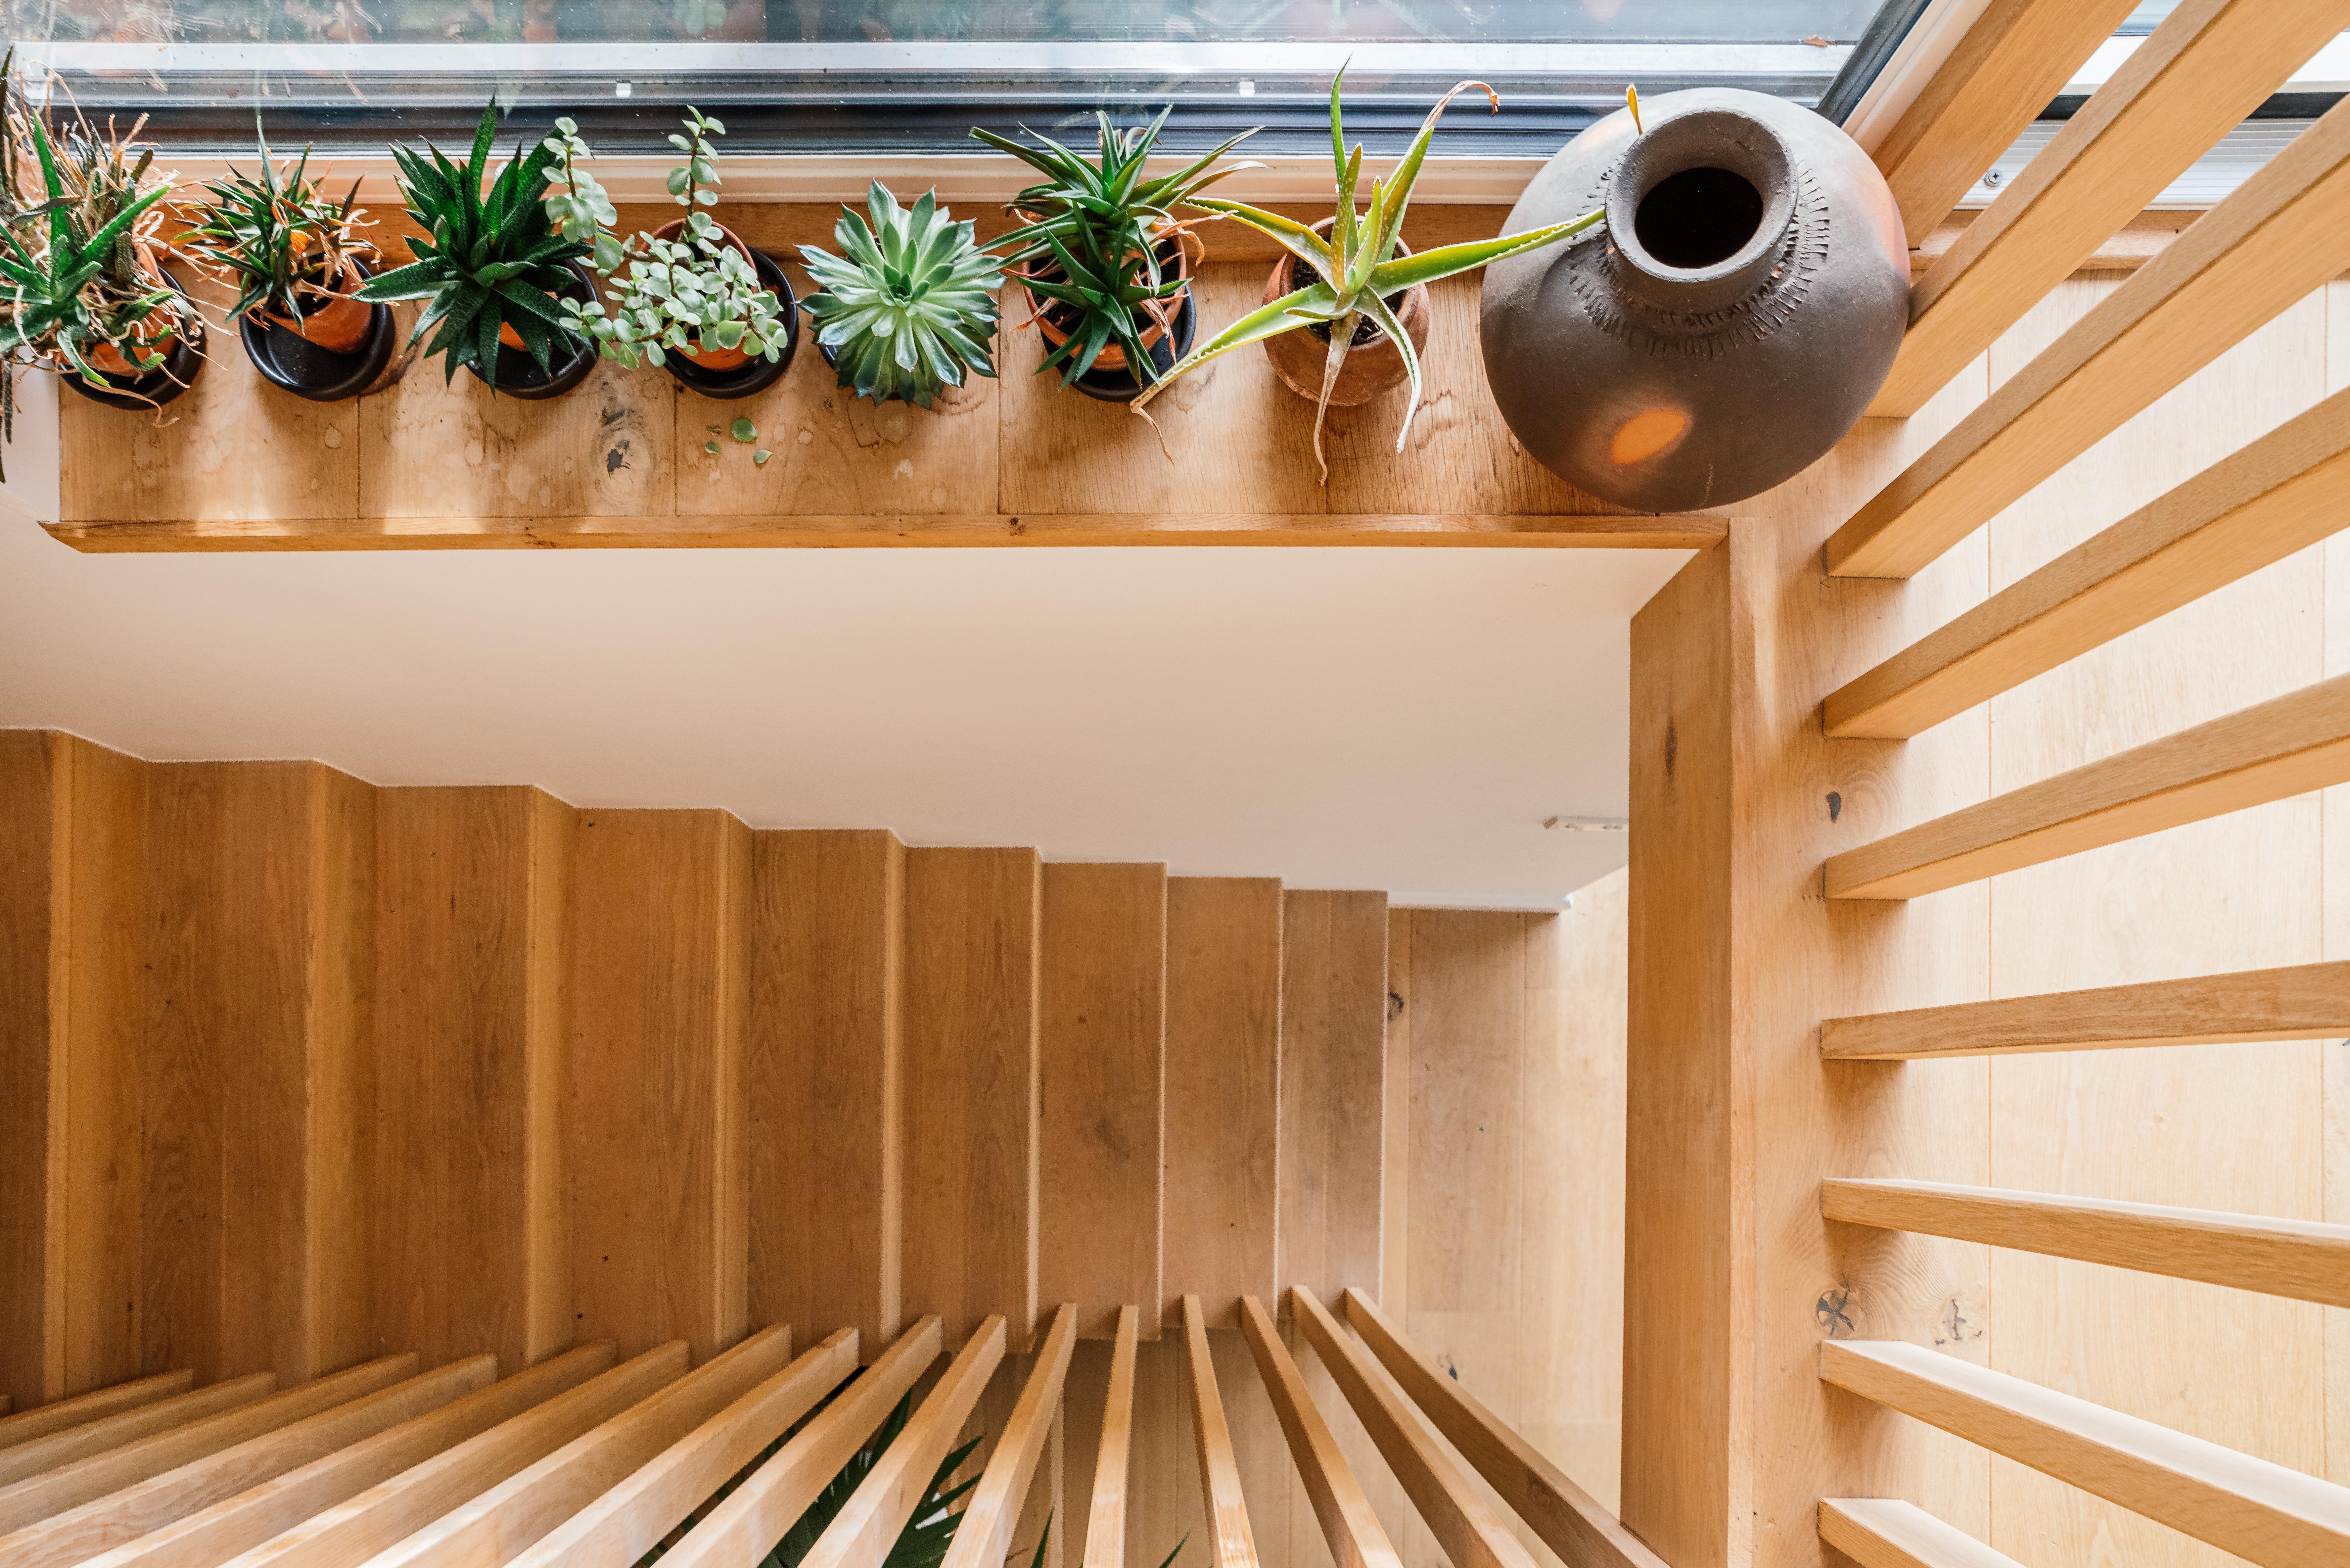 Oak stair detail down to garden